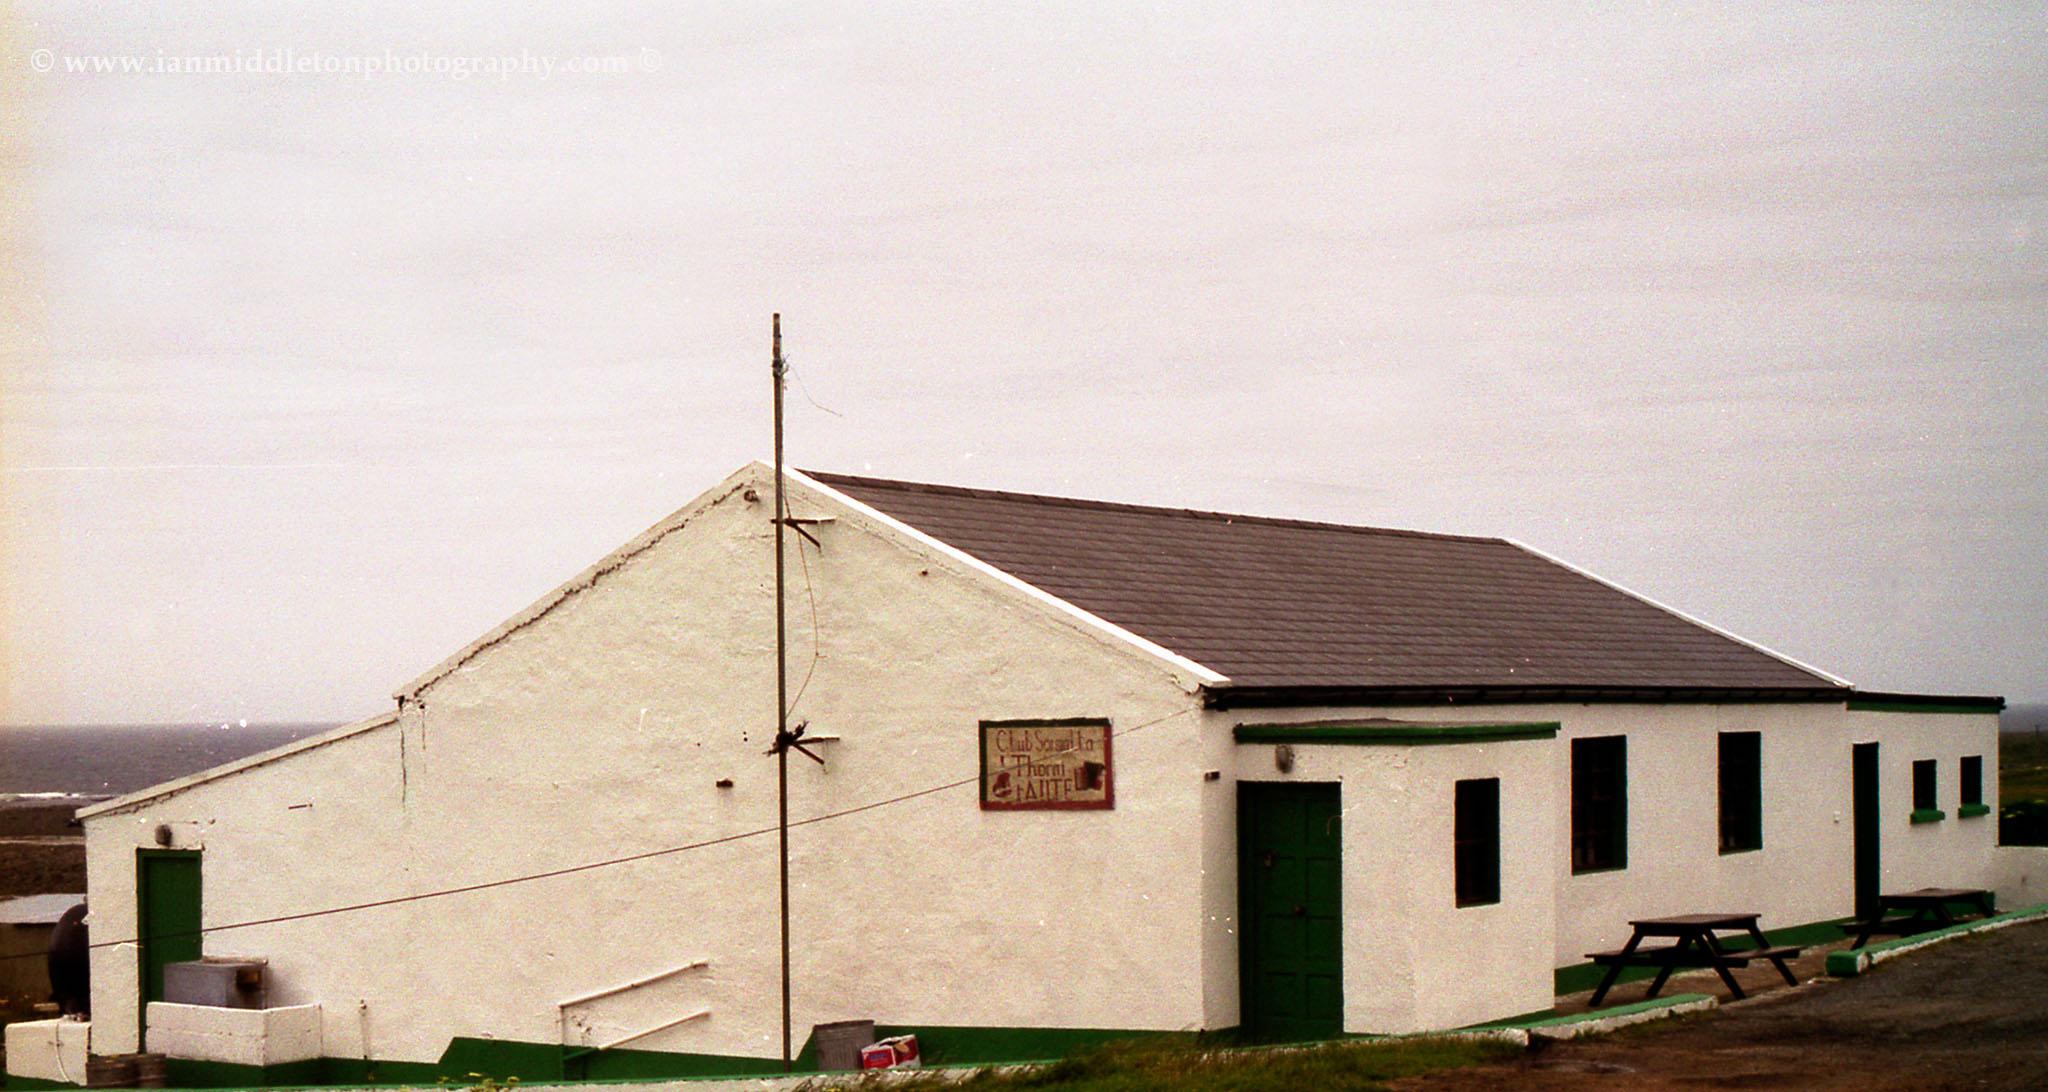 Tory Island social club